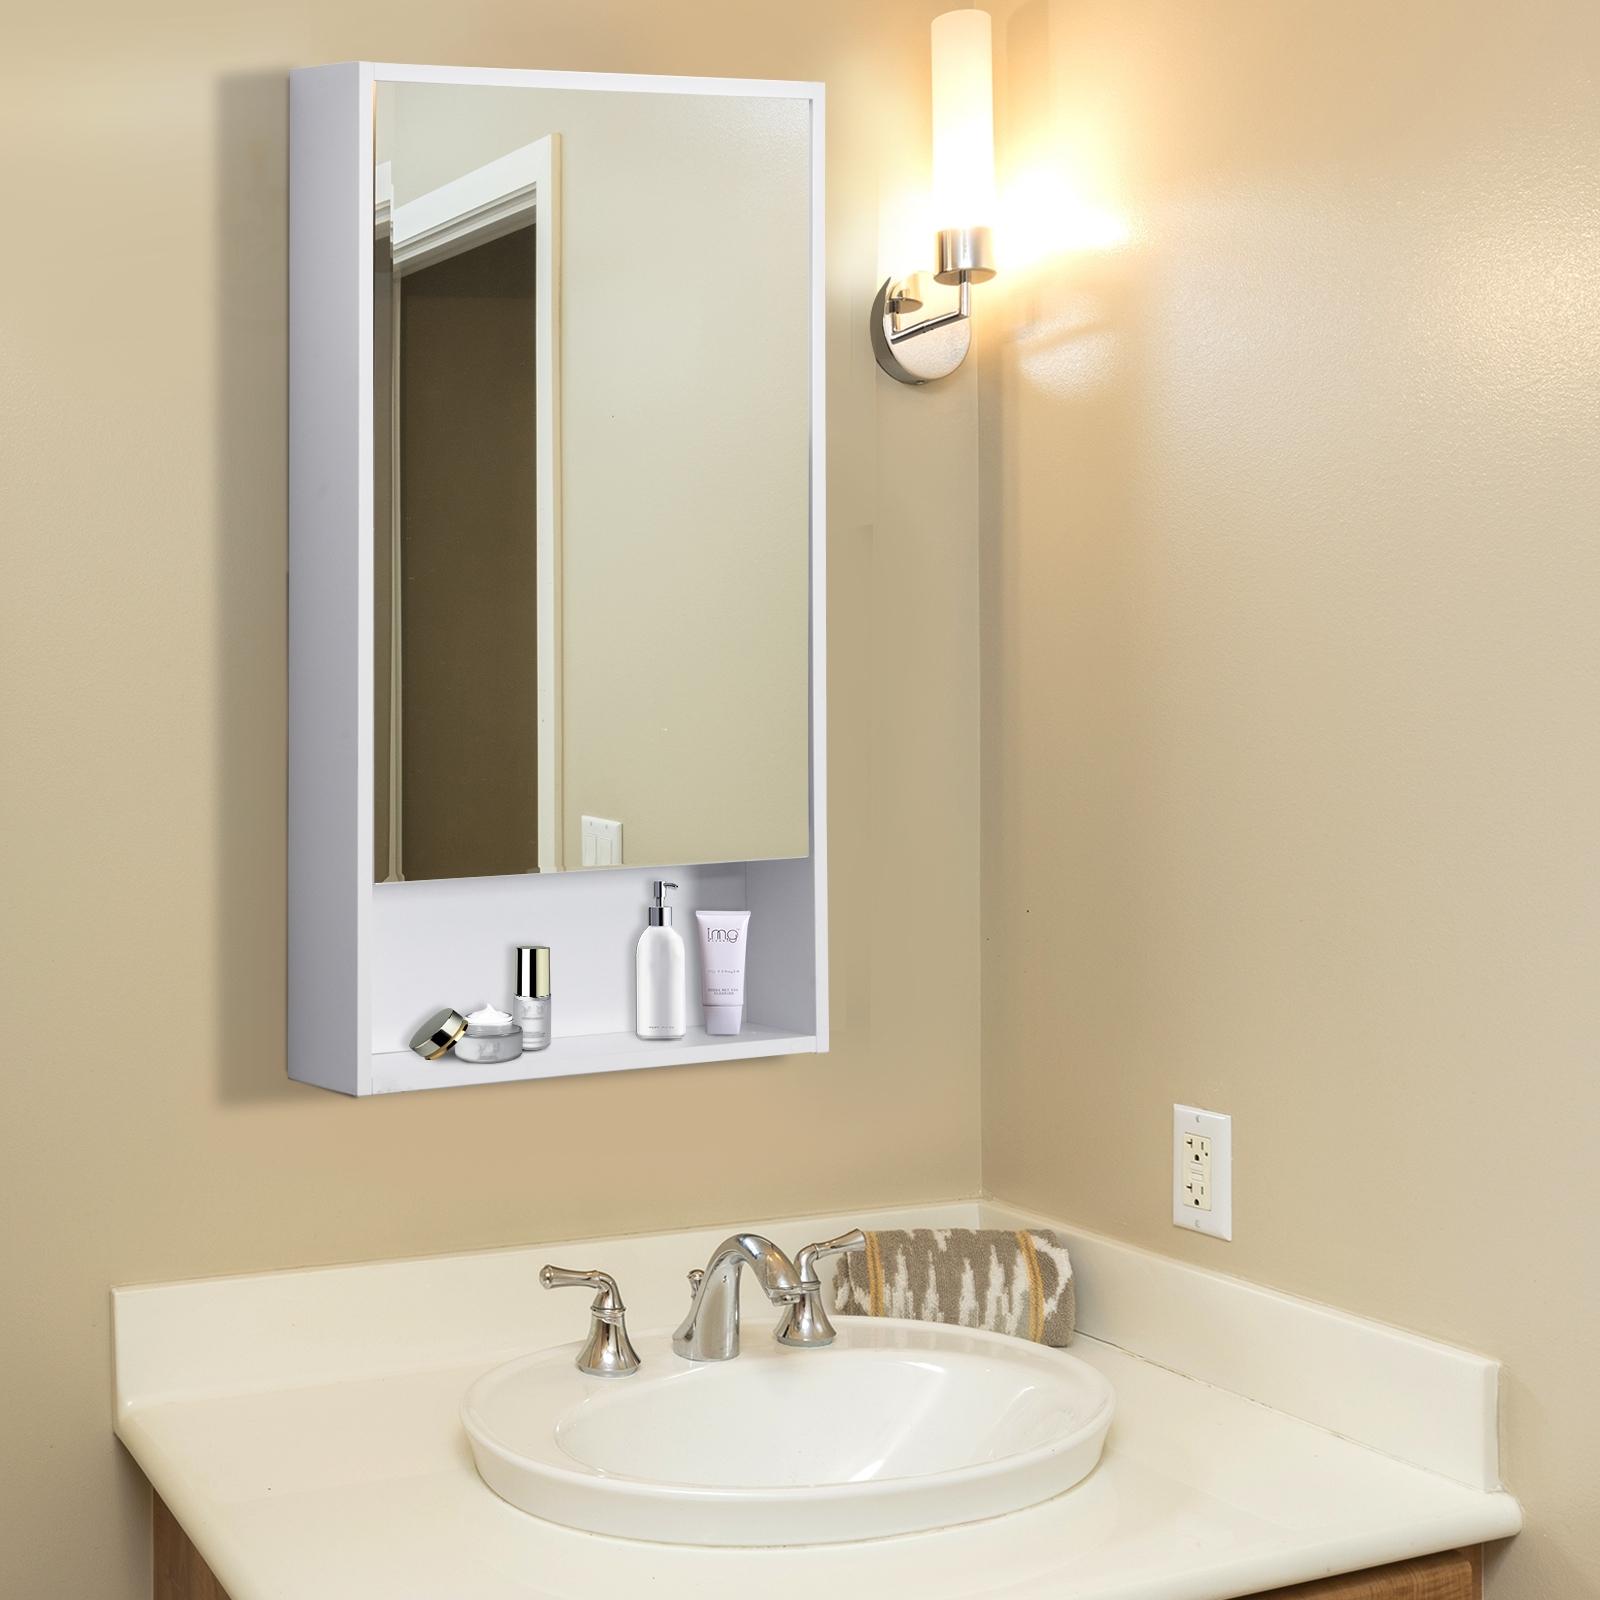 Image of €64,90 kleankin Armoire de Toilettes Salle Bains à Glace Murale avec Porte et Miroir Multi-Rangement 50 x 12 90 cm Blanc / Homcom Toilette Bain 50L 12l 90H 3 Niveaux étagère inférieure 46 834-146 3662970029978